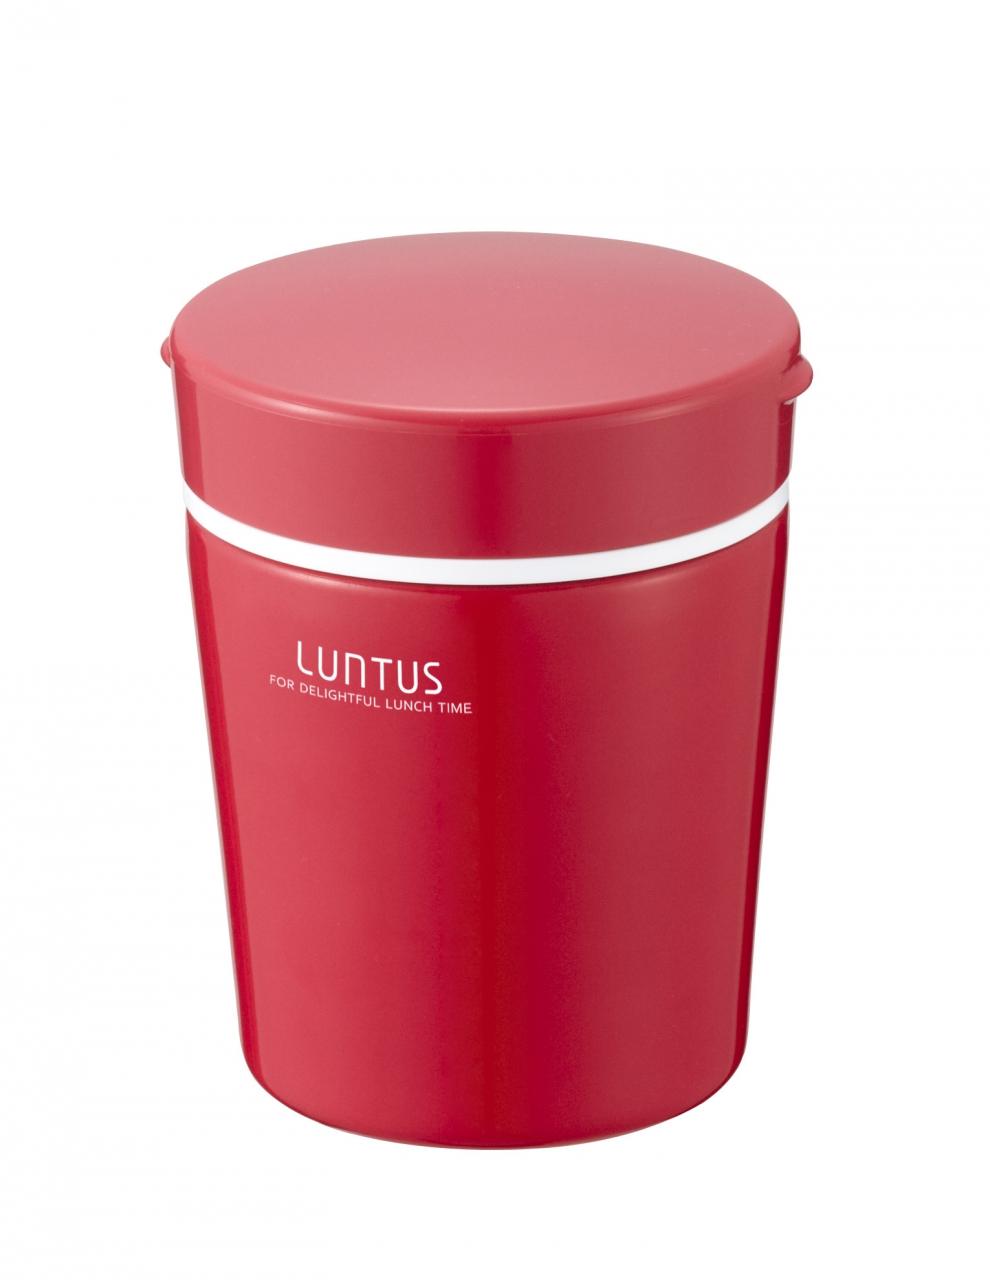 bento luntus bentos isotherme soupe rouge 280 ml achetez au meilleur. Black Bedroom Furniture Sets. Home Design Ideas